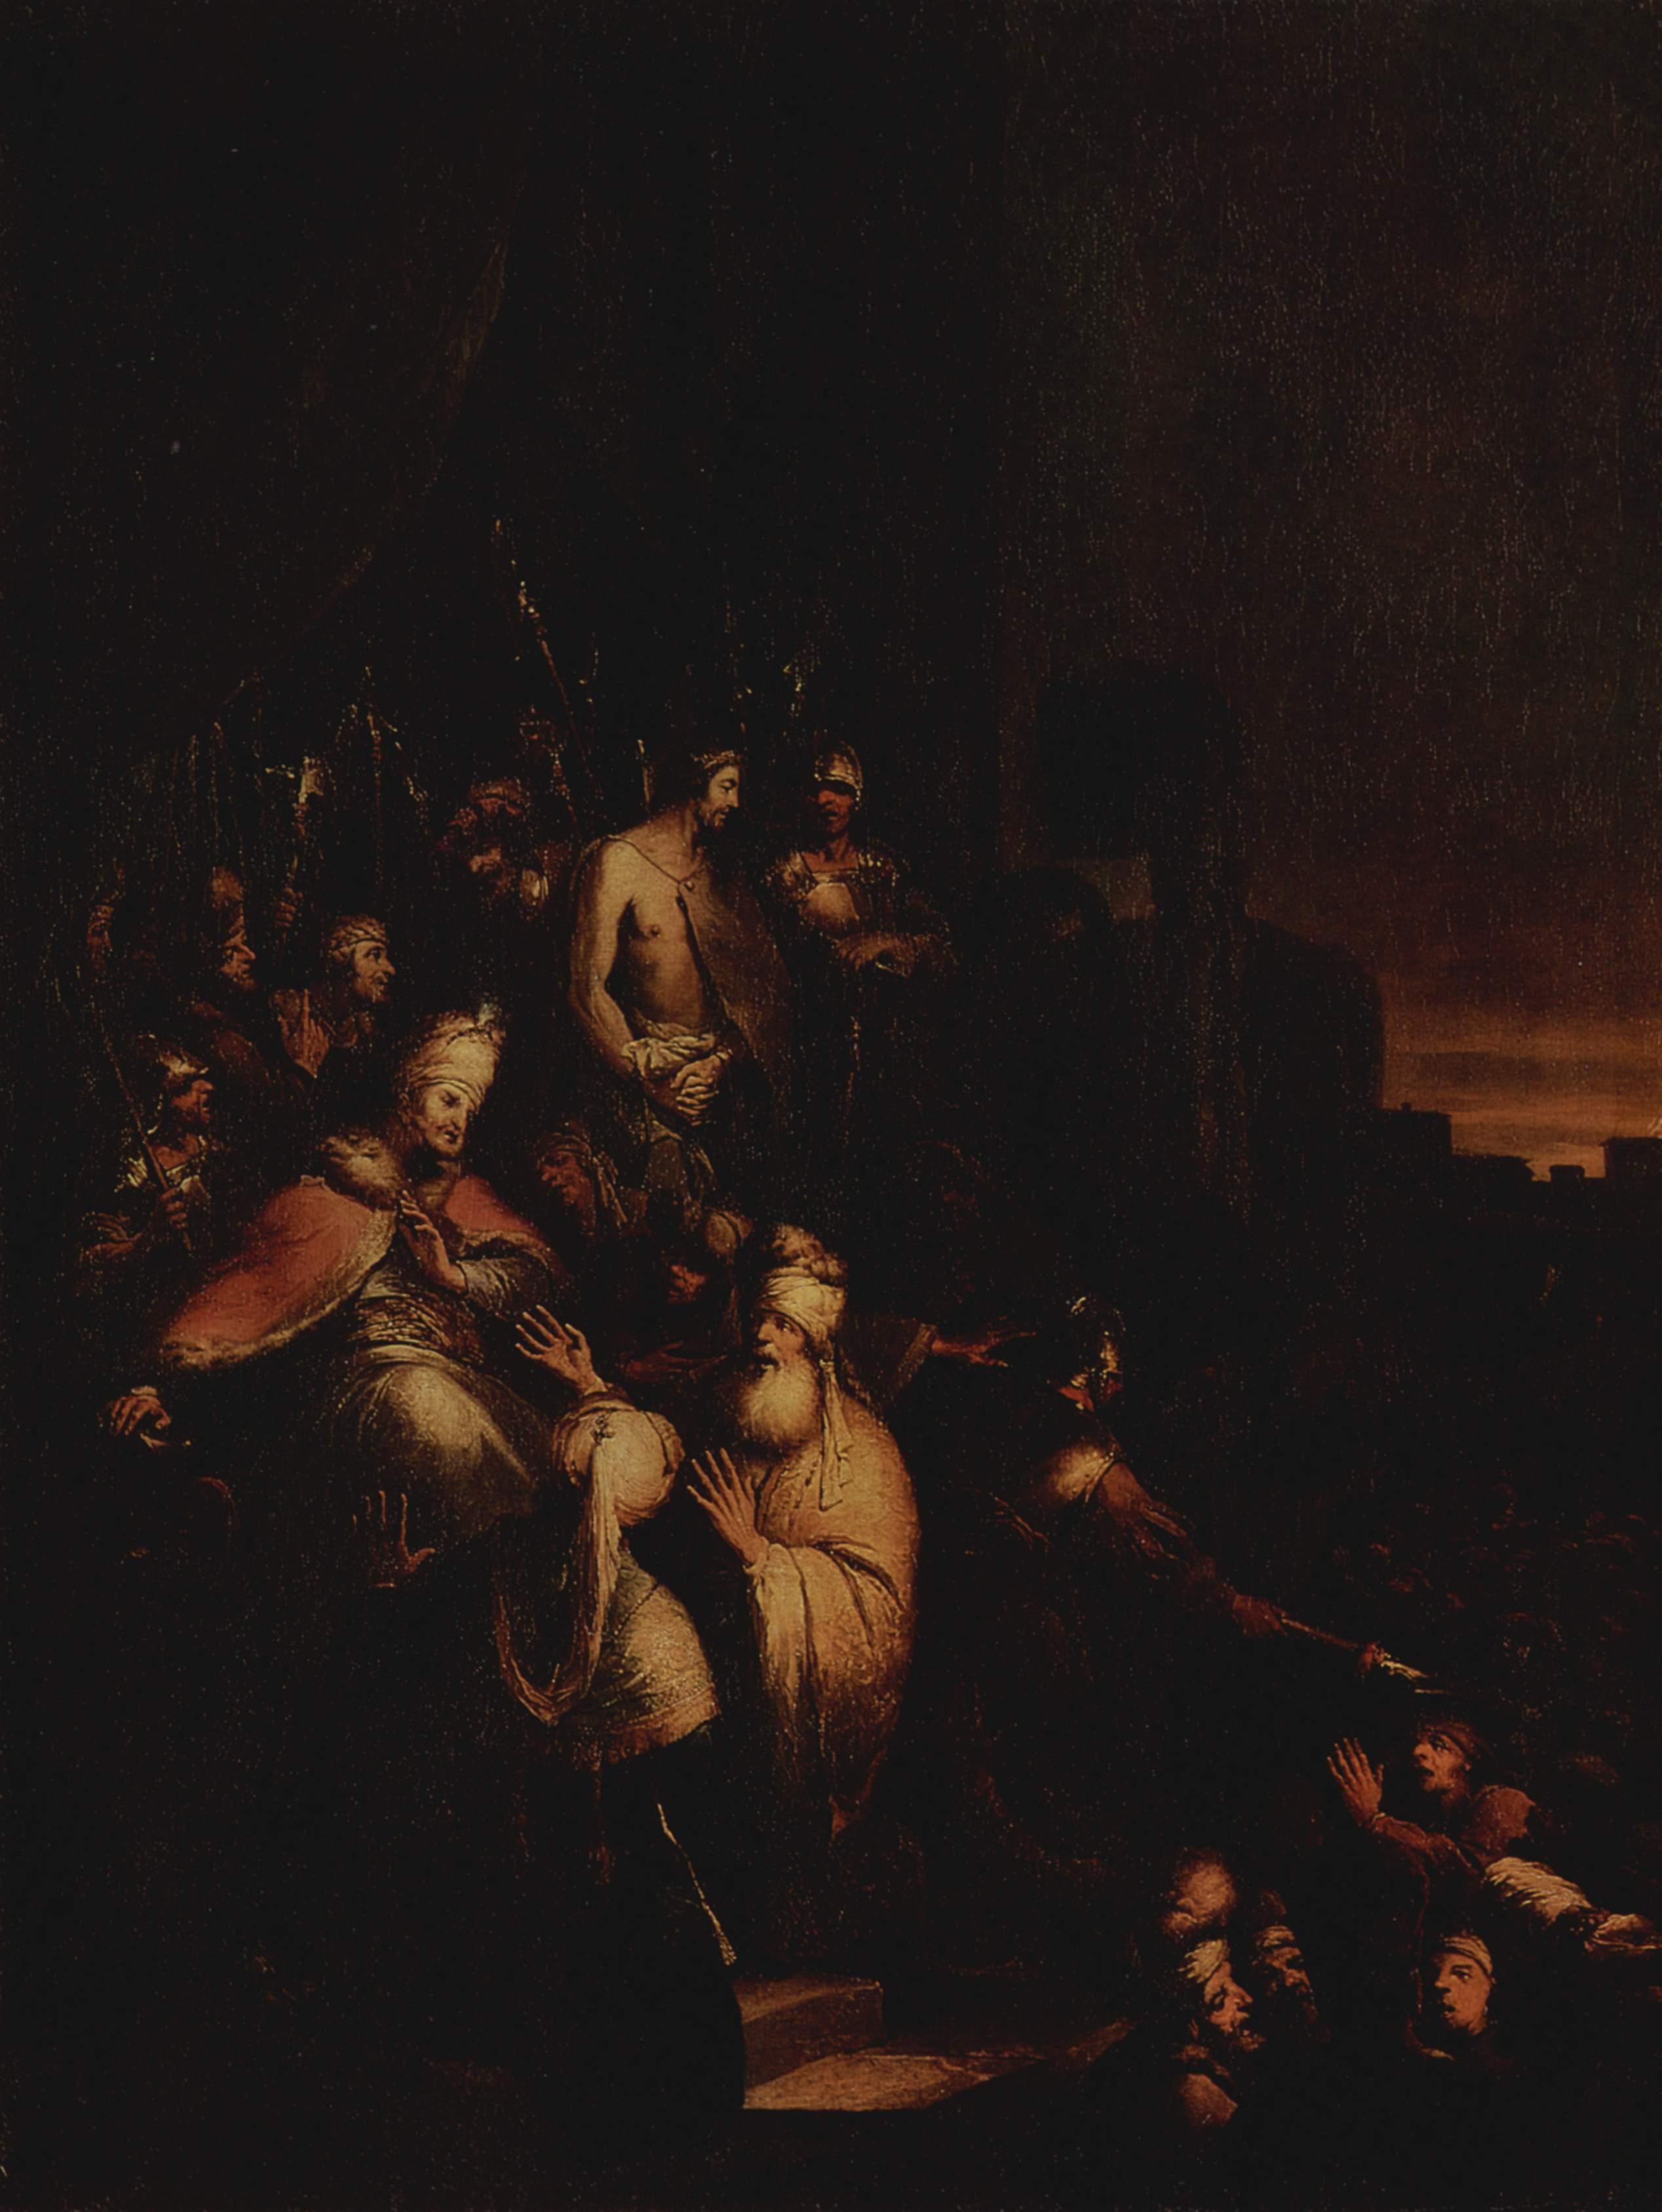 Христос перед народом, Дитрих Христиан Вильгельм Эрнст